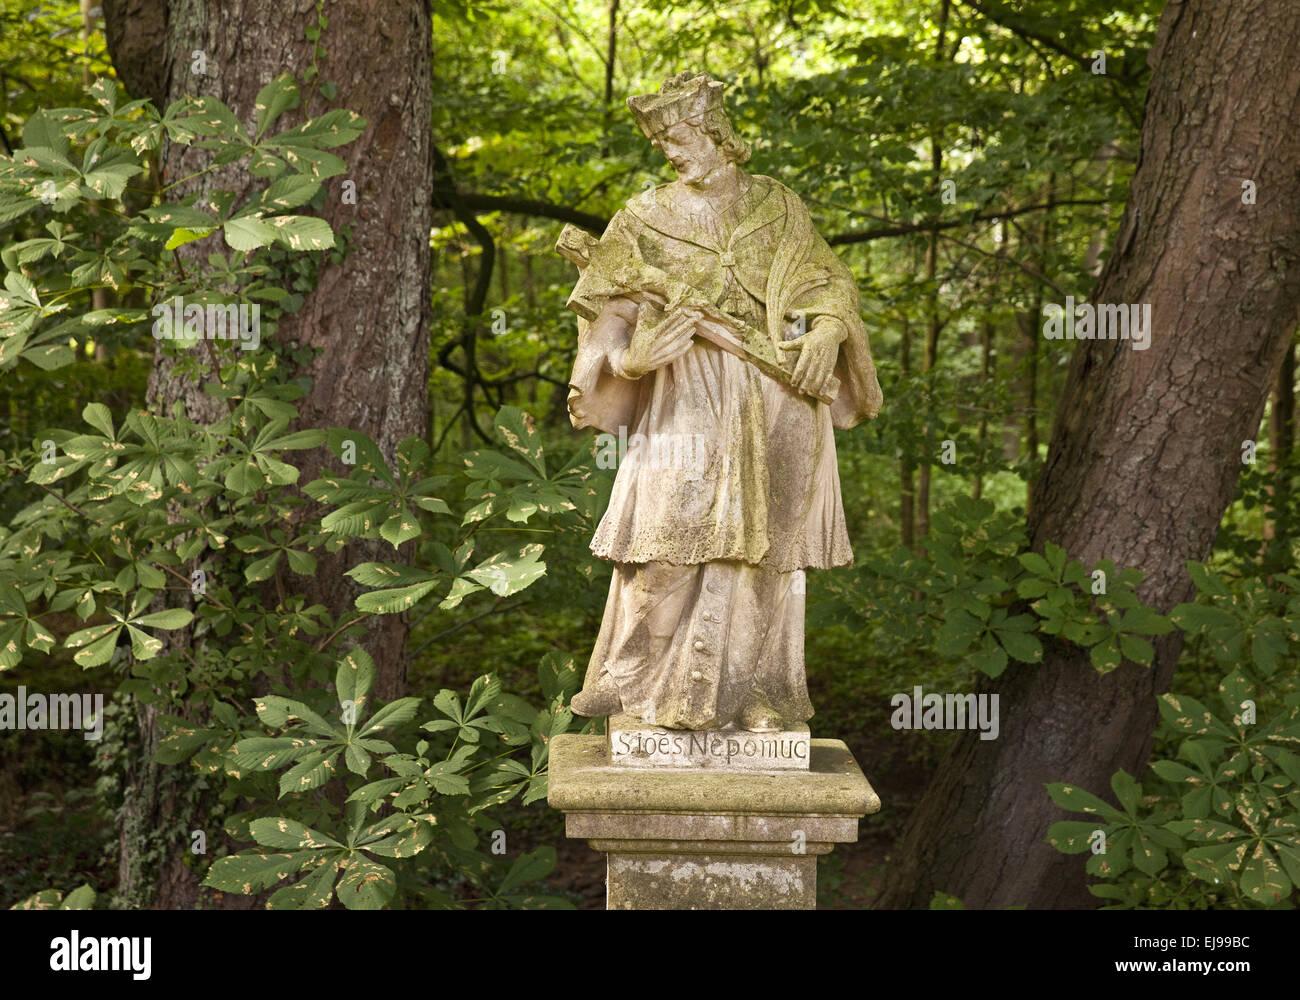 Statua religiosa, Ochtrup, Germania Immagini Stock